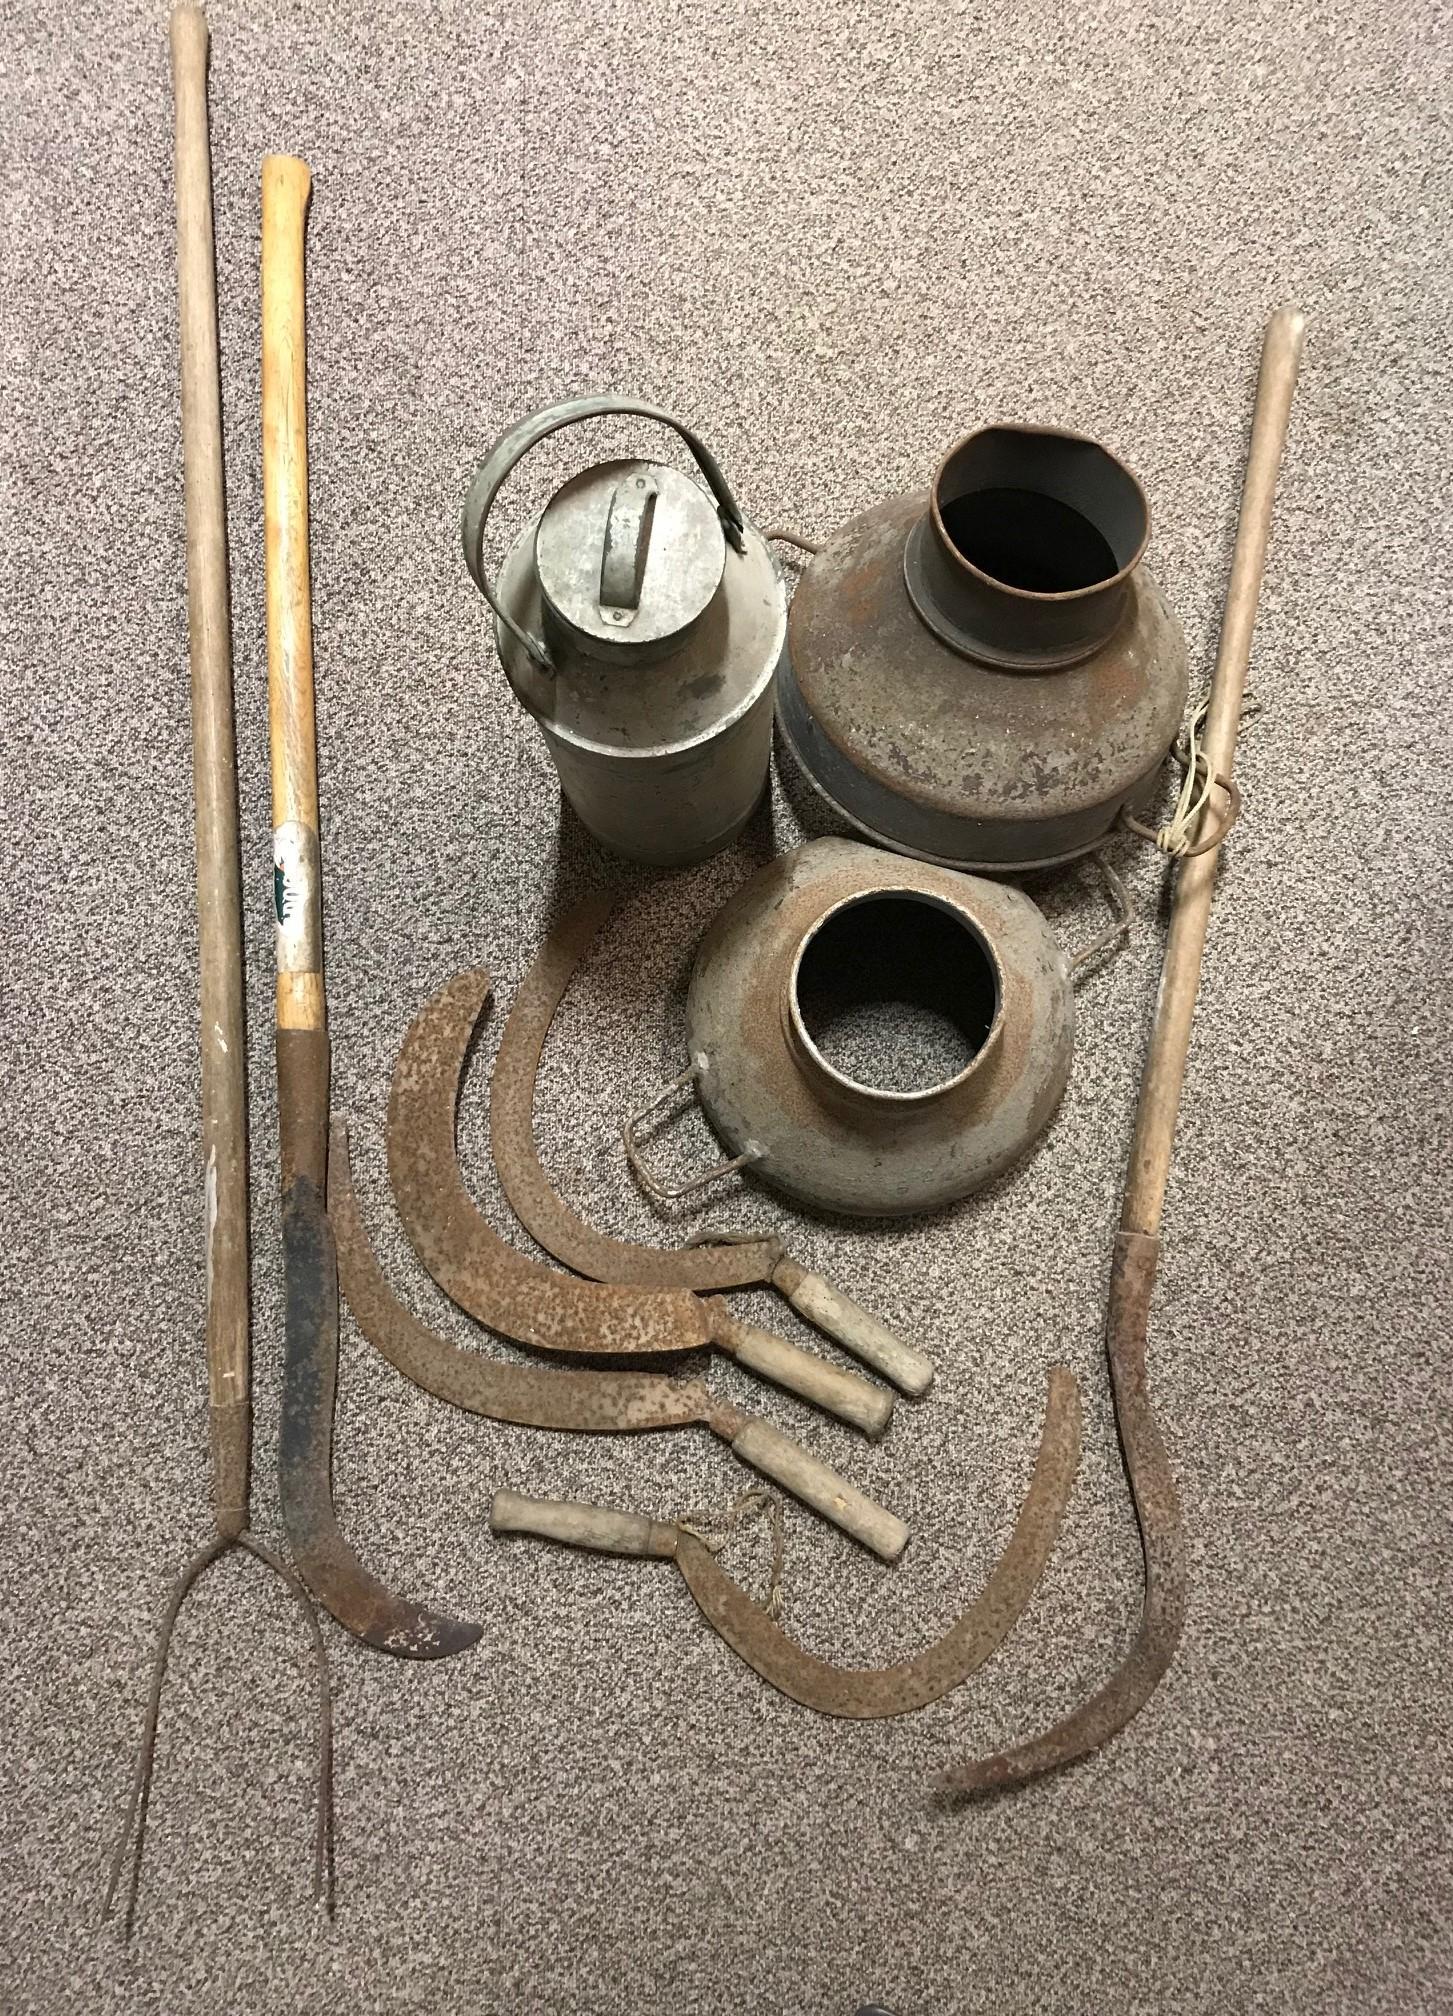 Tresco farm implements